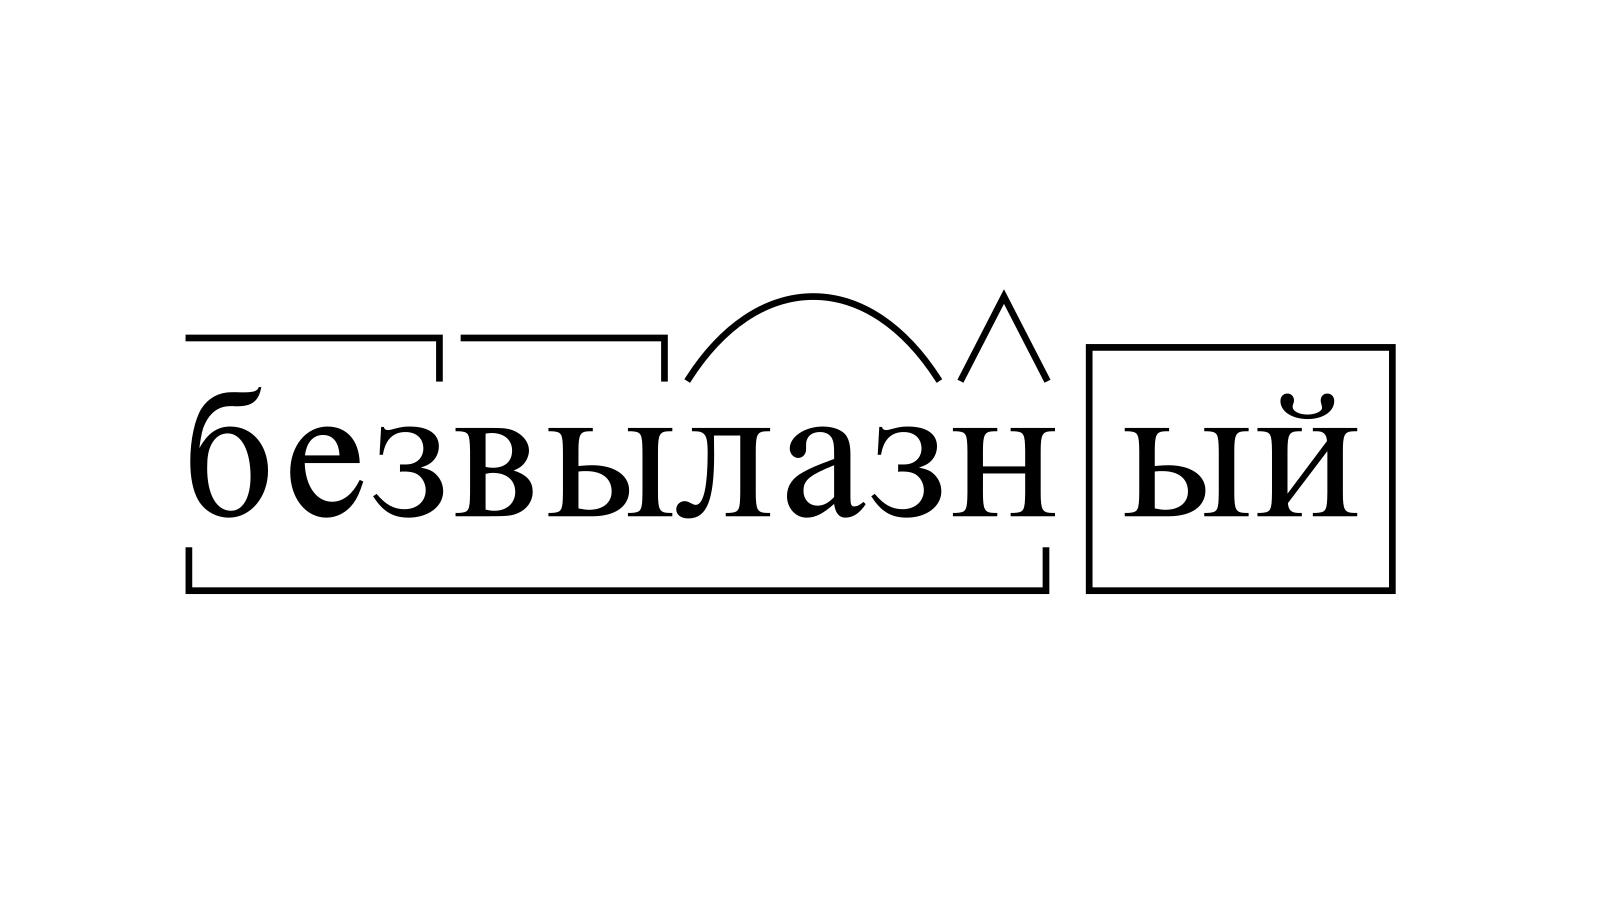 Разбор слова «безвылазный» по составу